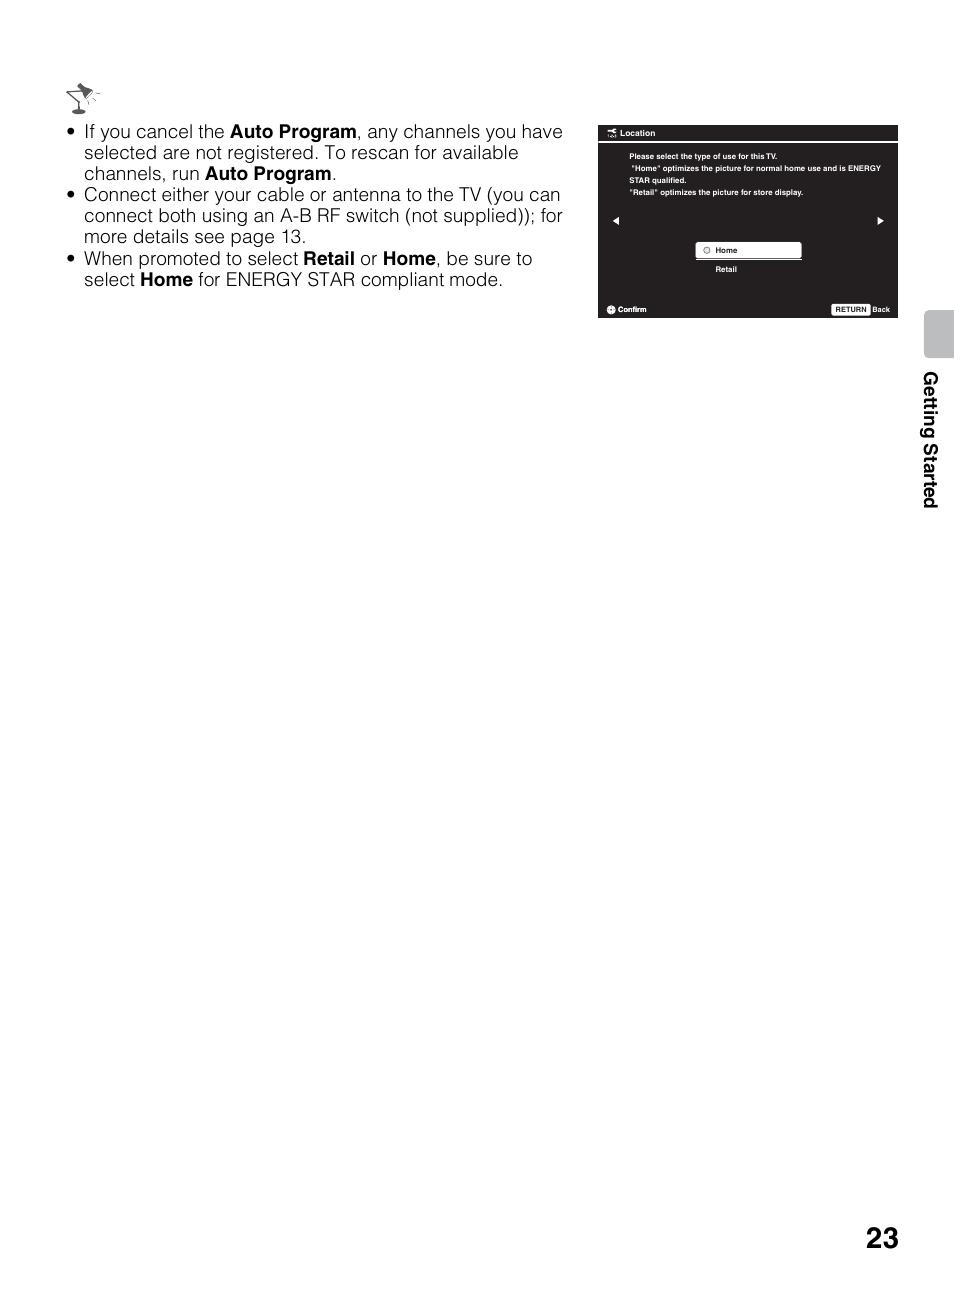 sony kdl 46ex640 user manual page 23 88 original mode also rh manualsdir com Sony BRAVIA Connection Diagram Sony BRAVIA VGA